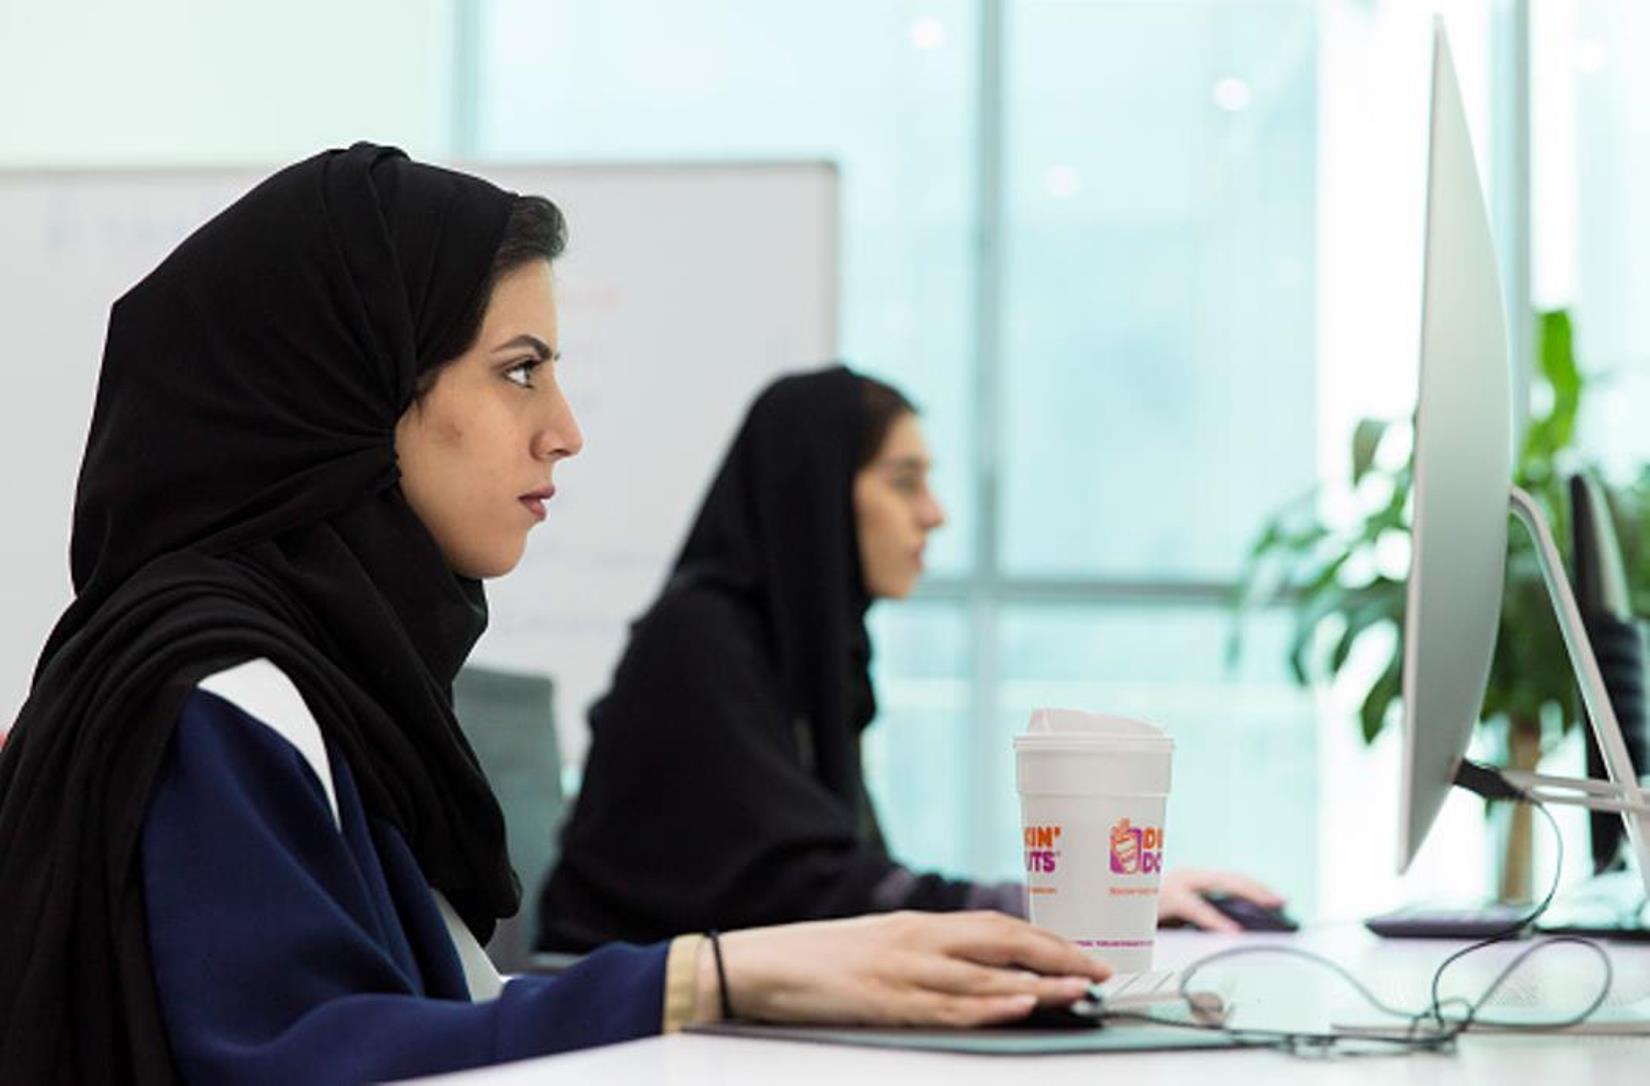 صورة بنات سعوديات , المراة السعودية ورؤية 2030